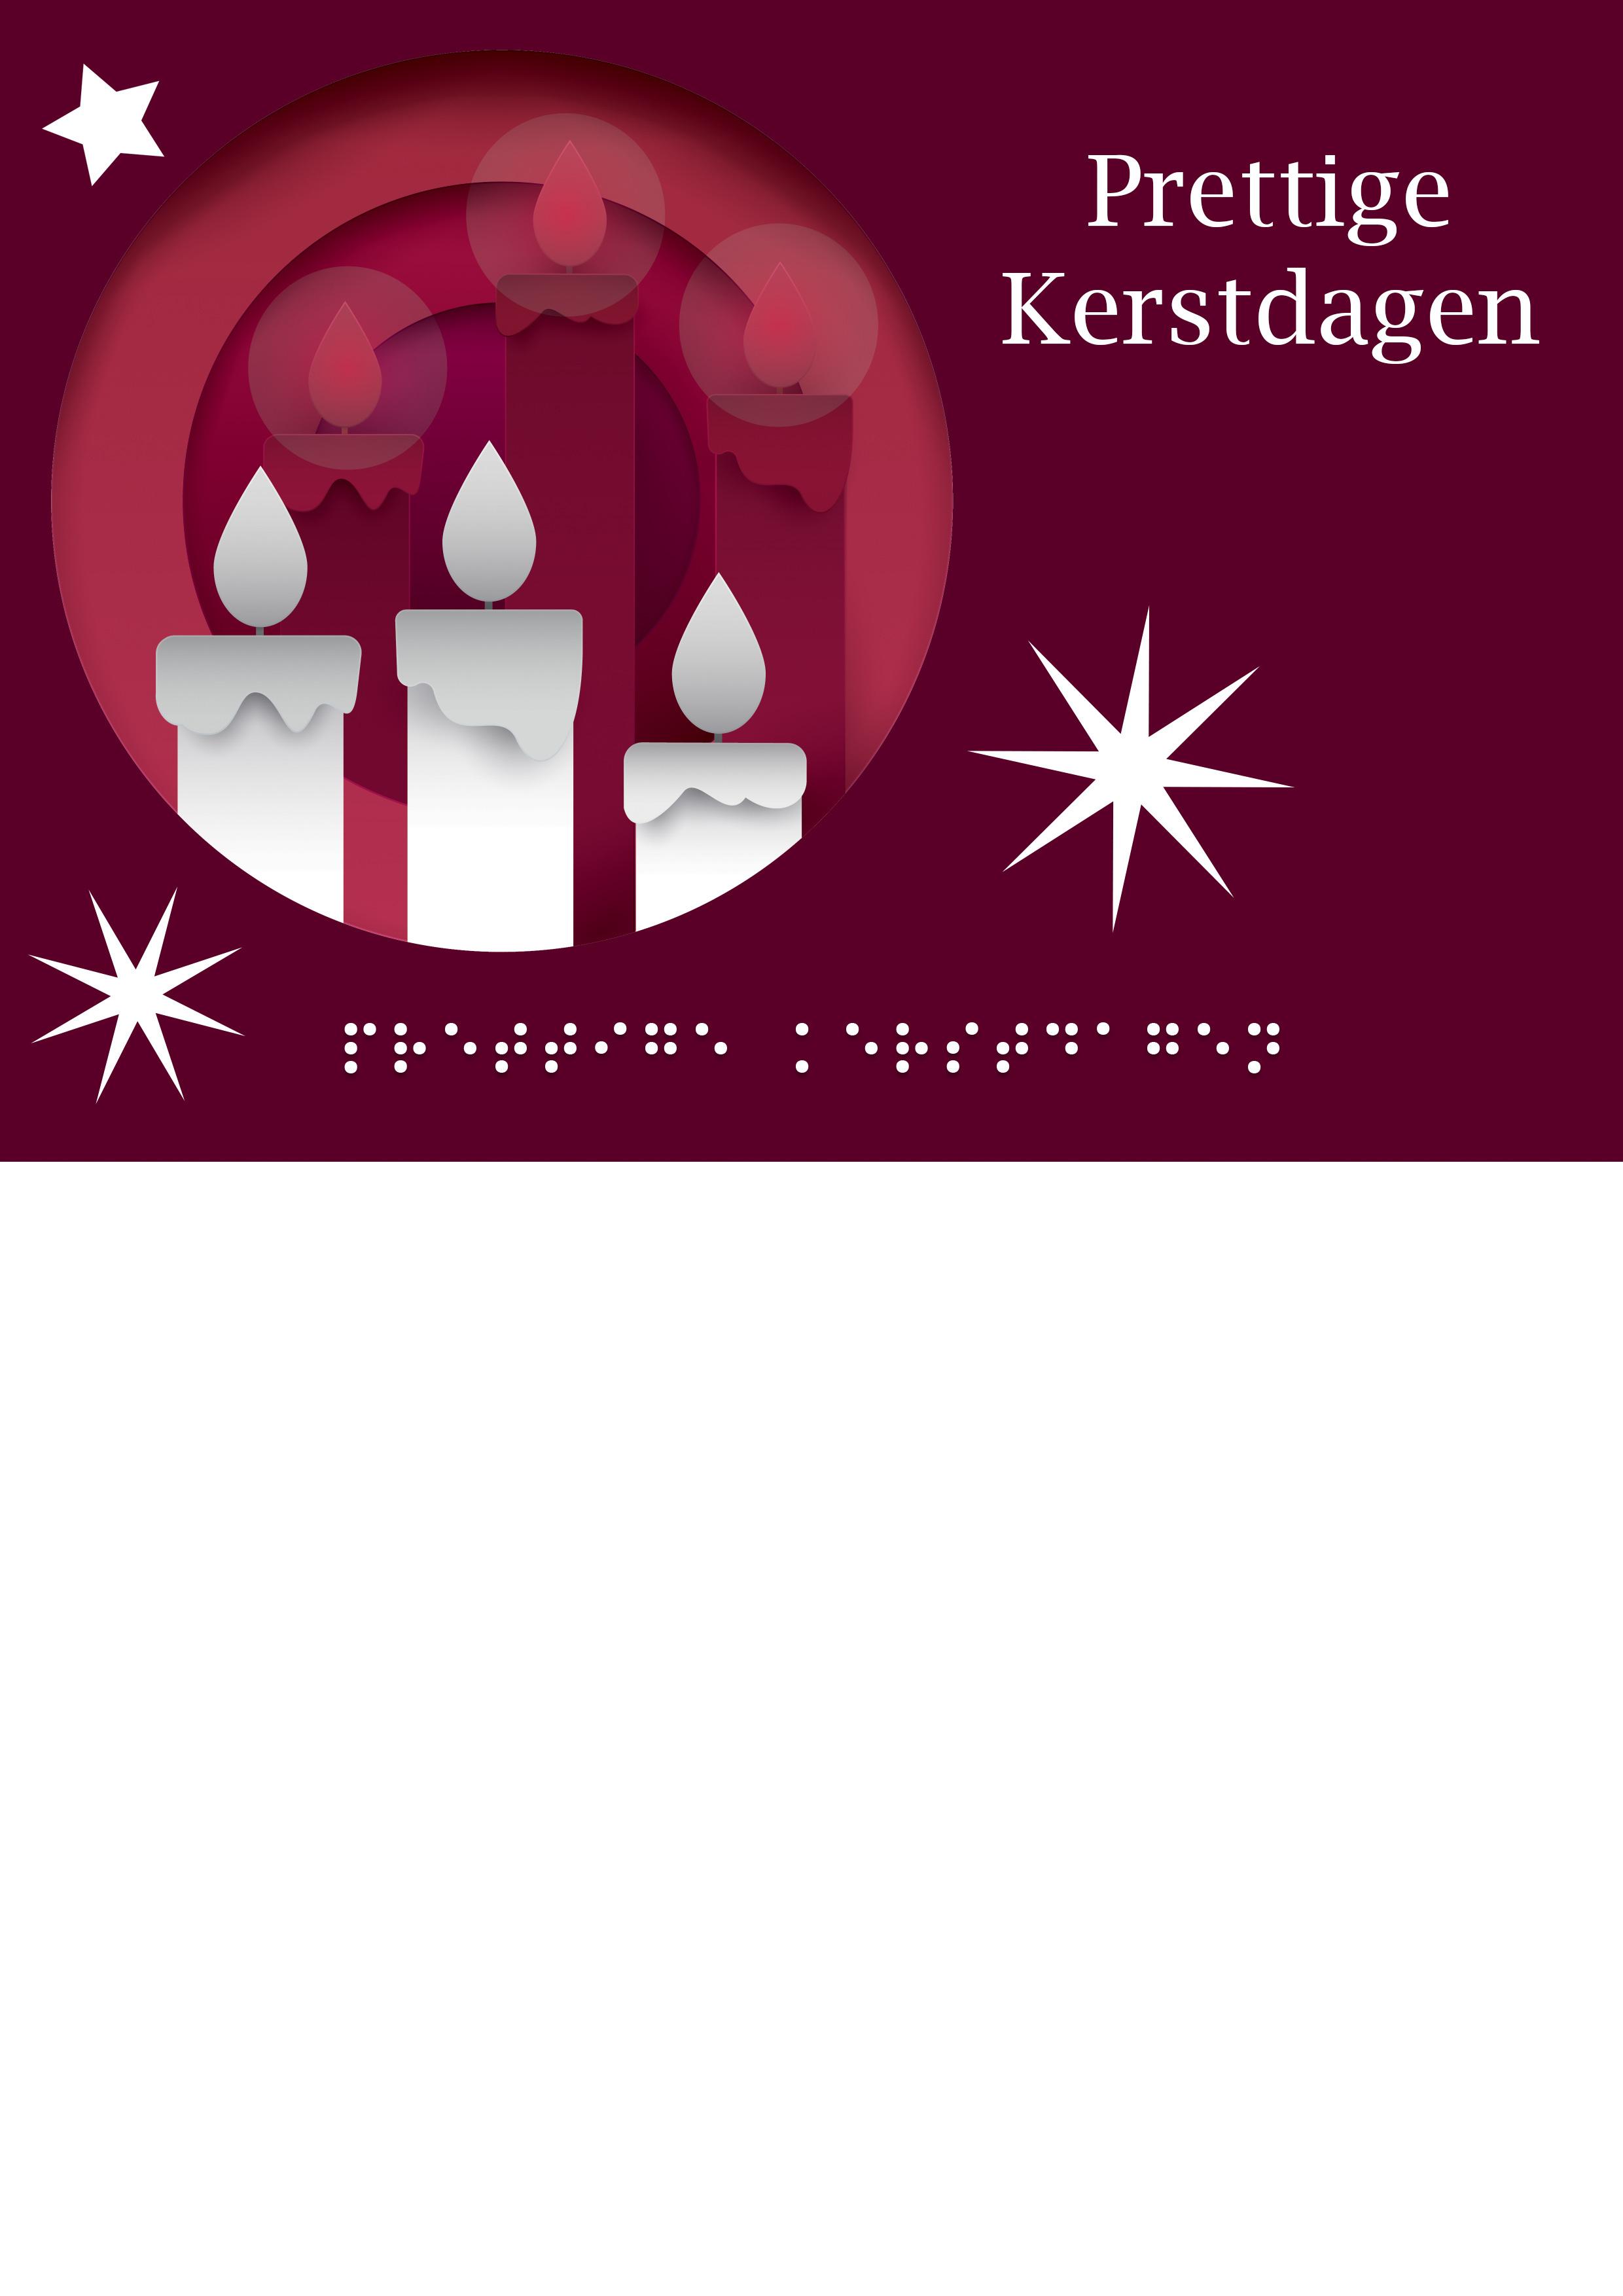 Voelbare kerstkaart met braille en kaarsen in reliëf tegen een rode achtergrond.